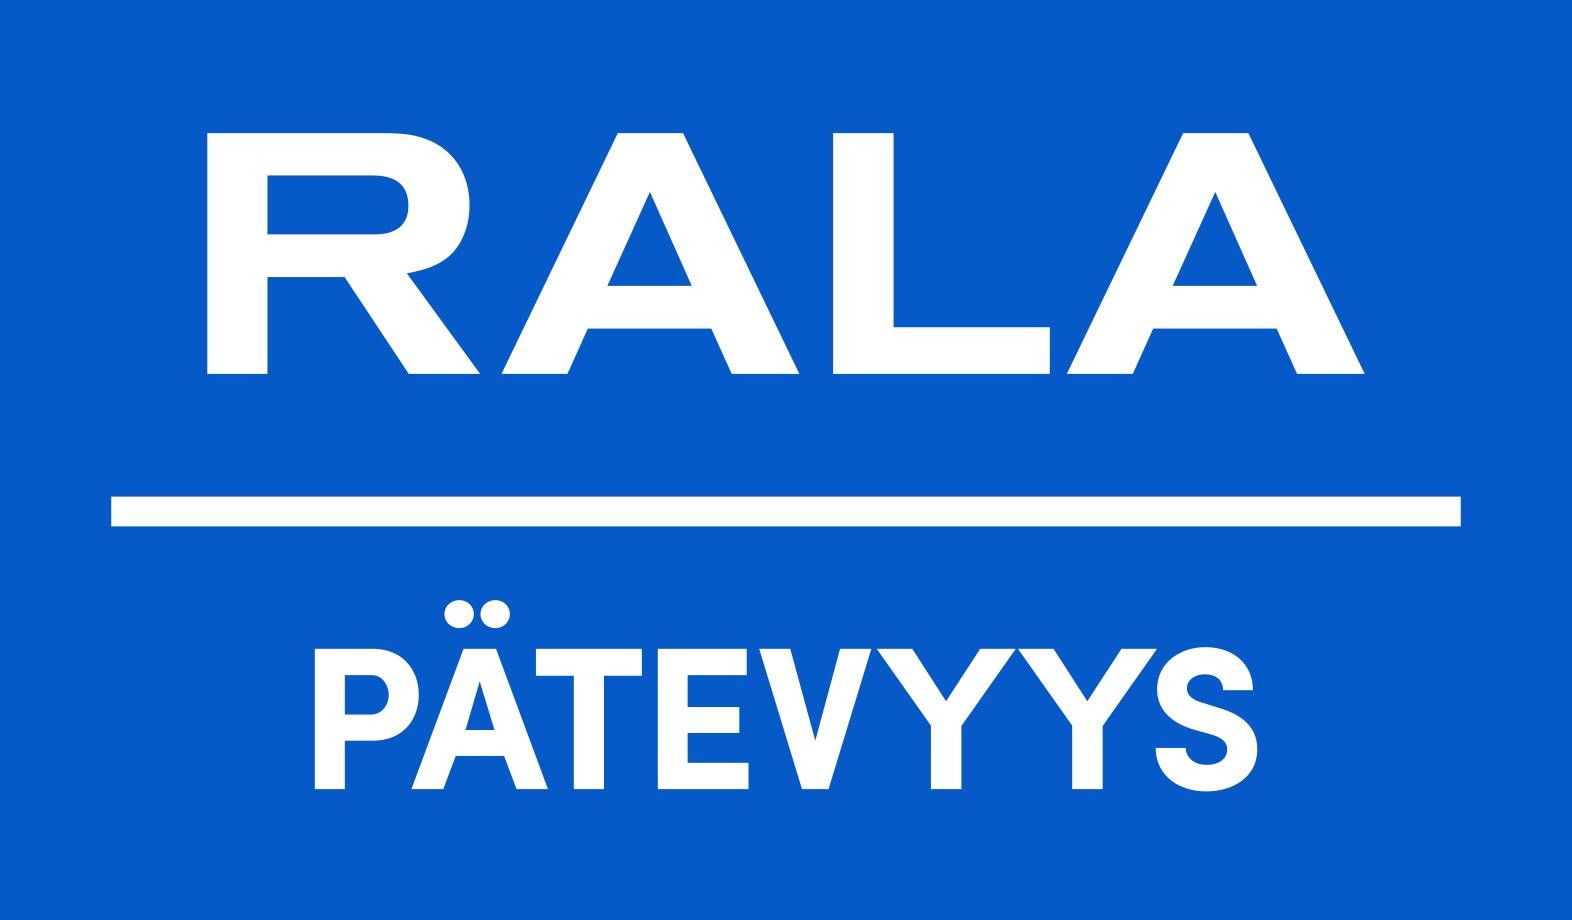 RALA_patevyys_RGB